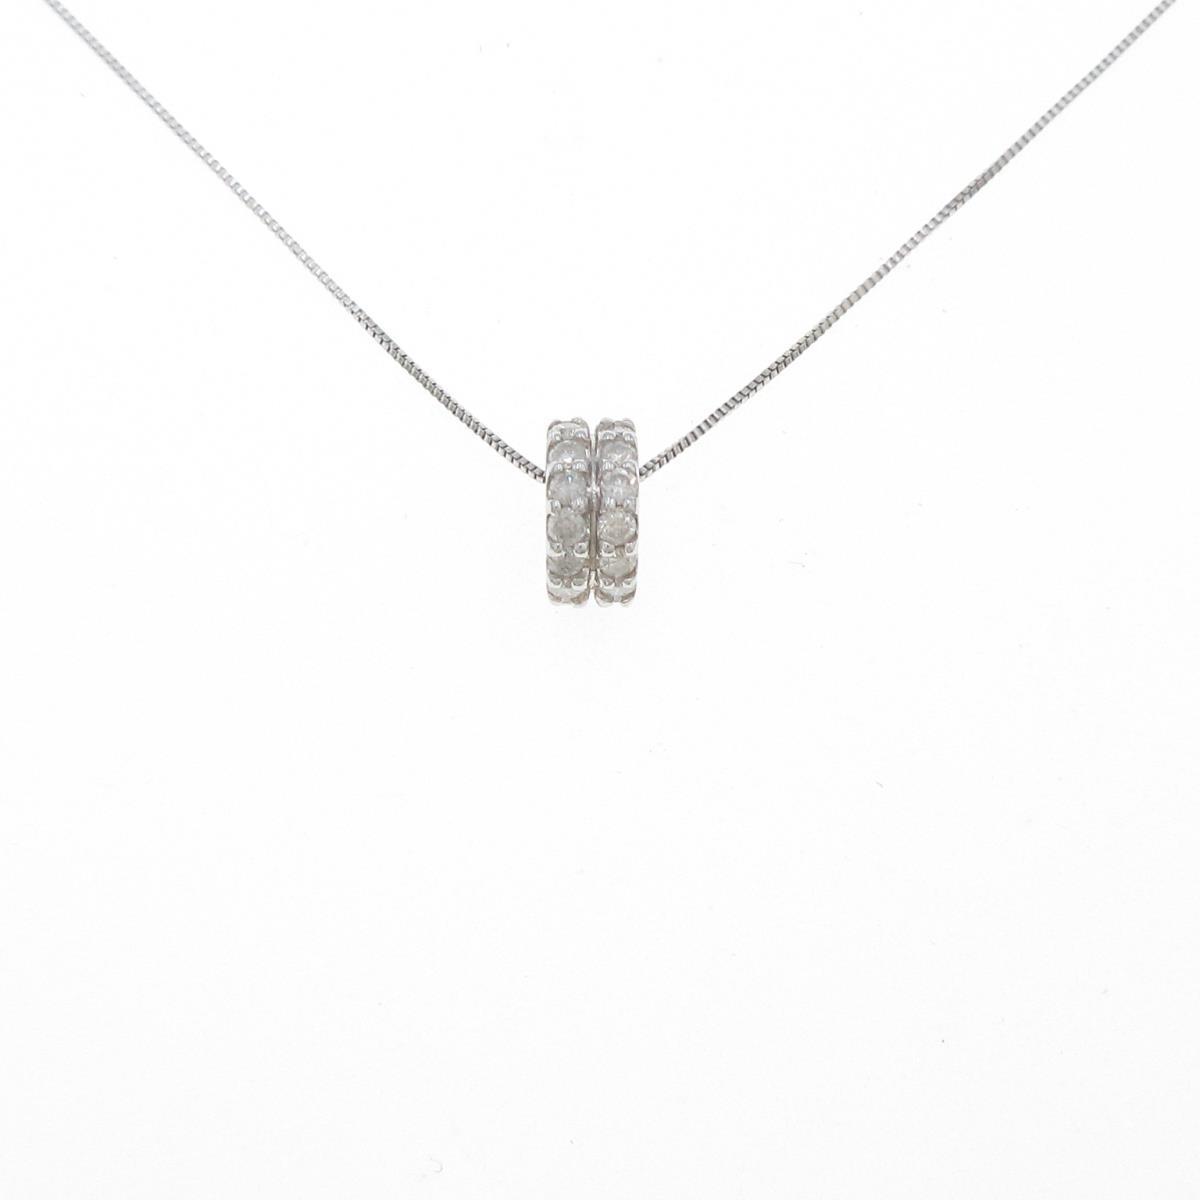 安い K18WG 正規品 K10WG ダイヤモンドネックレス 中古